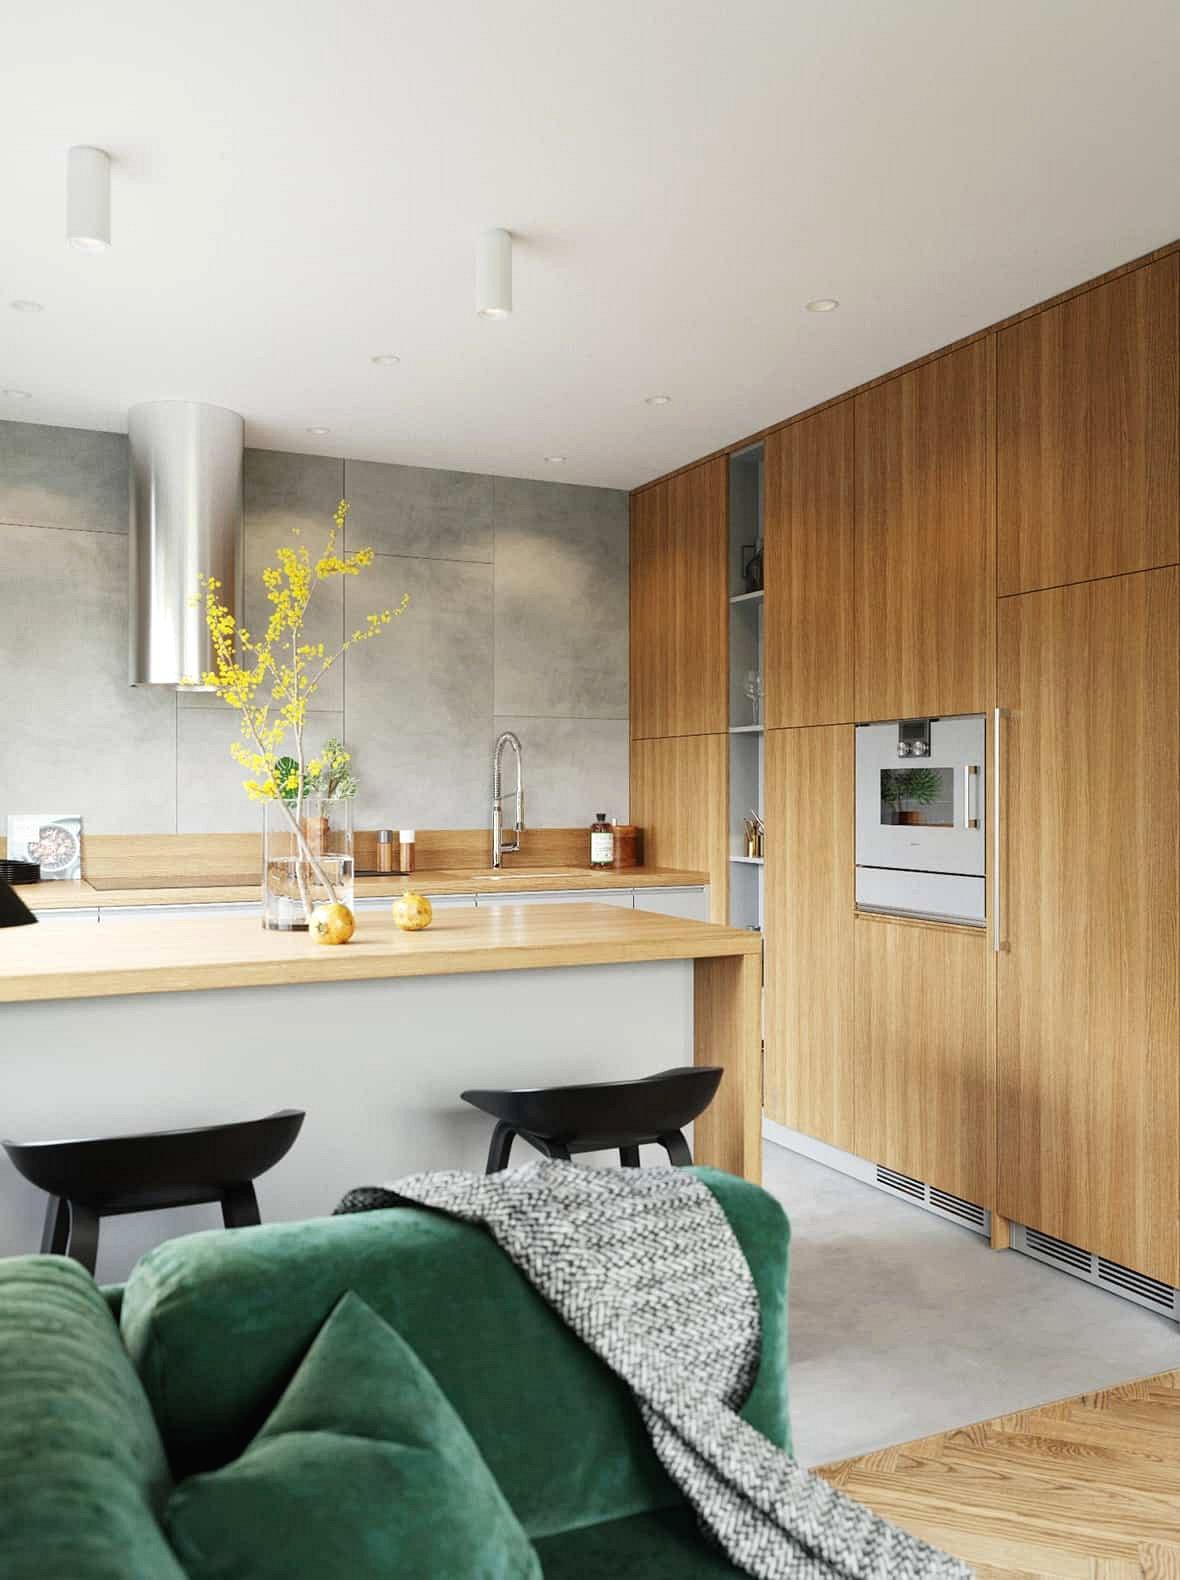 Vật liệu tự nhiên một lần nữa được sử dụng ở đây. Vách đá màu xám trải dài trên toàn bộ bức tường thành trong khi các vân gỗ thẳng đứng tạo ra sự tiếp nối liền mạch giữa mặt bàn và tủ.